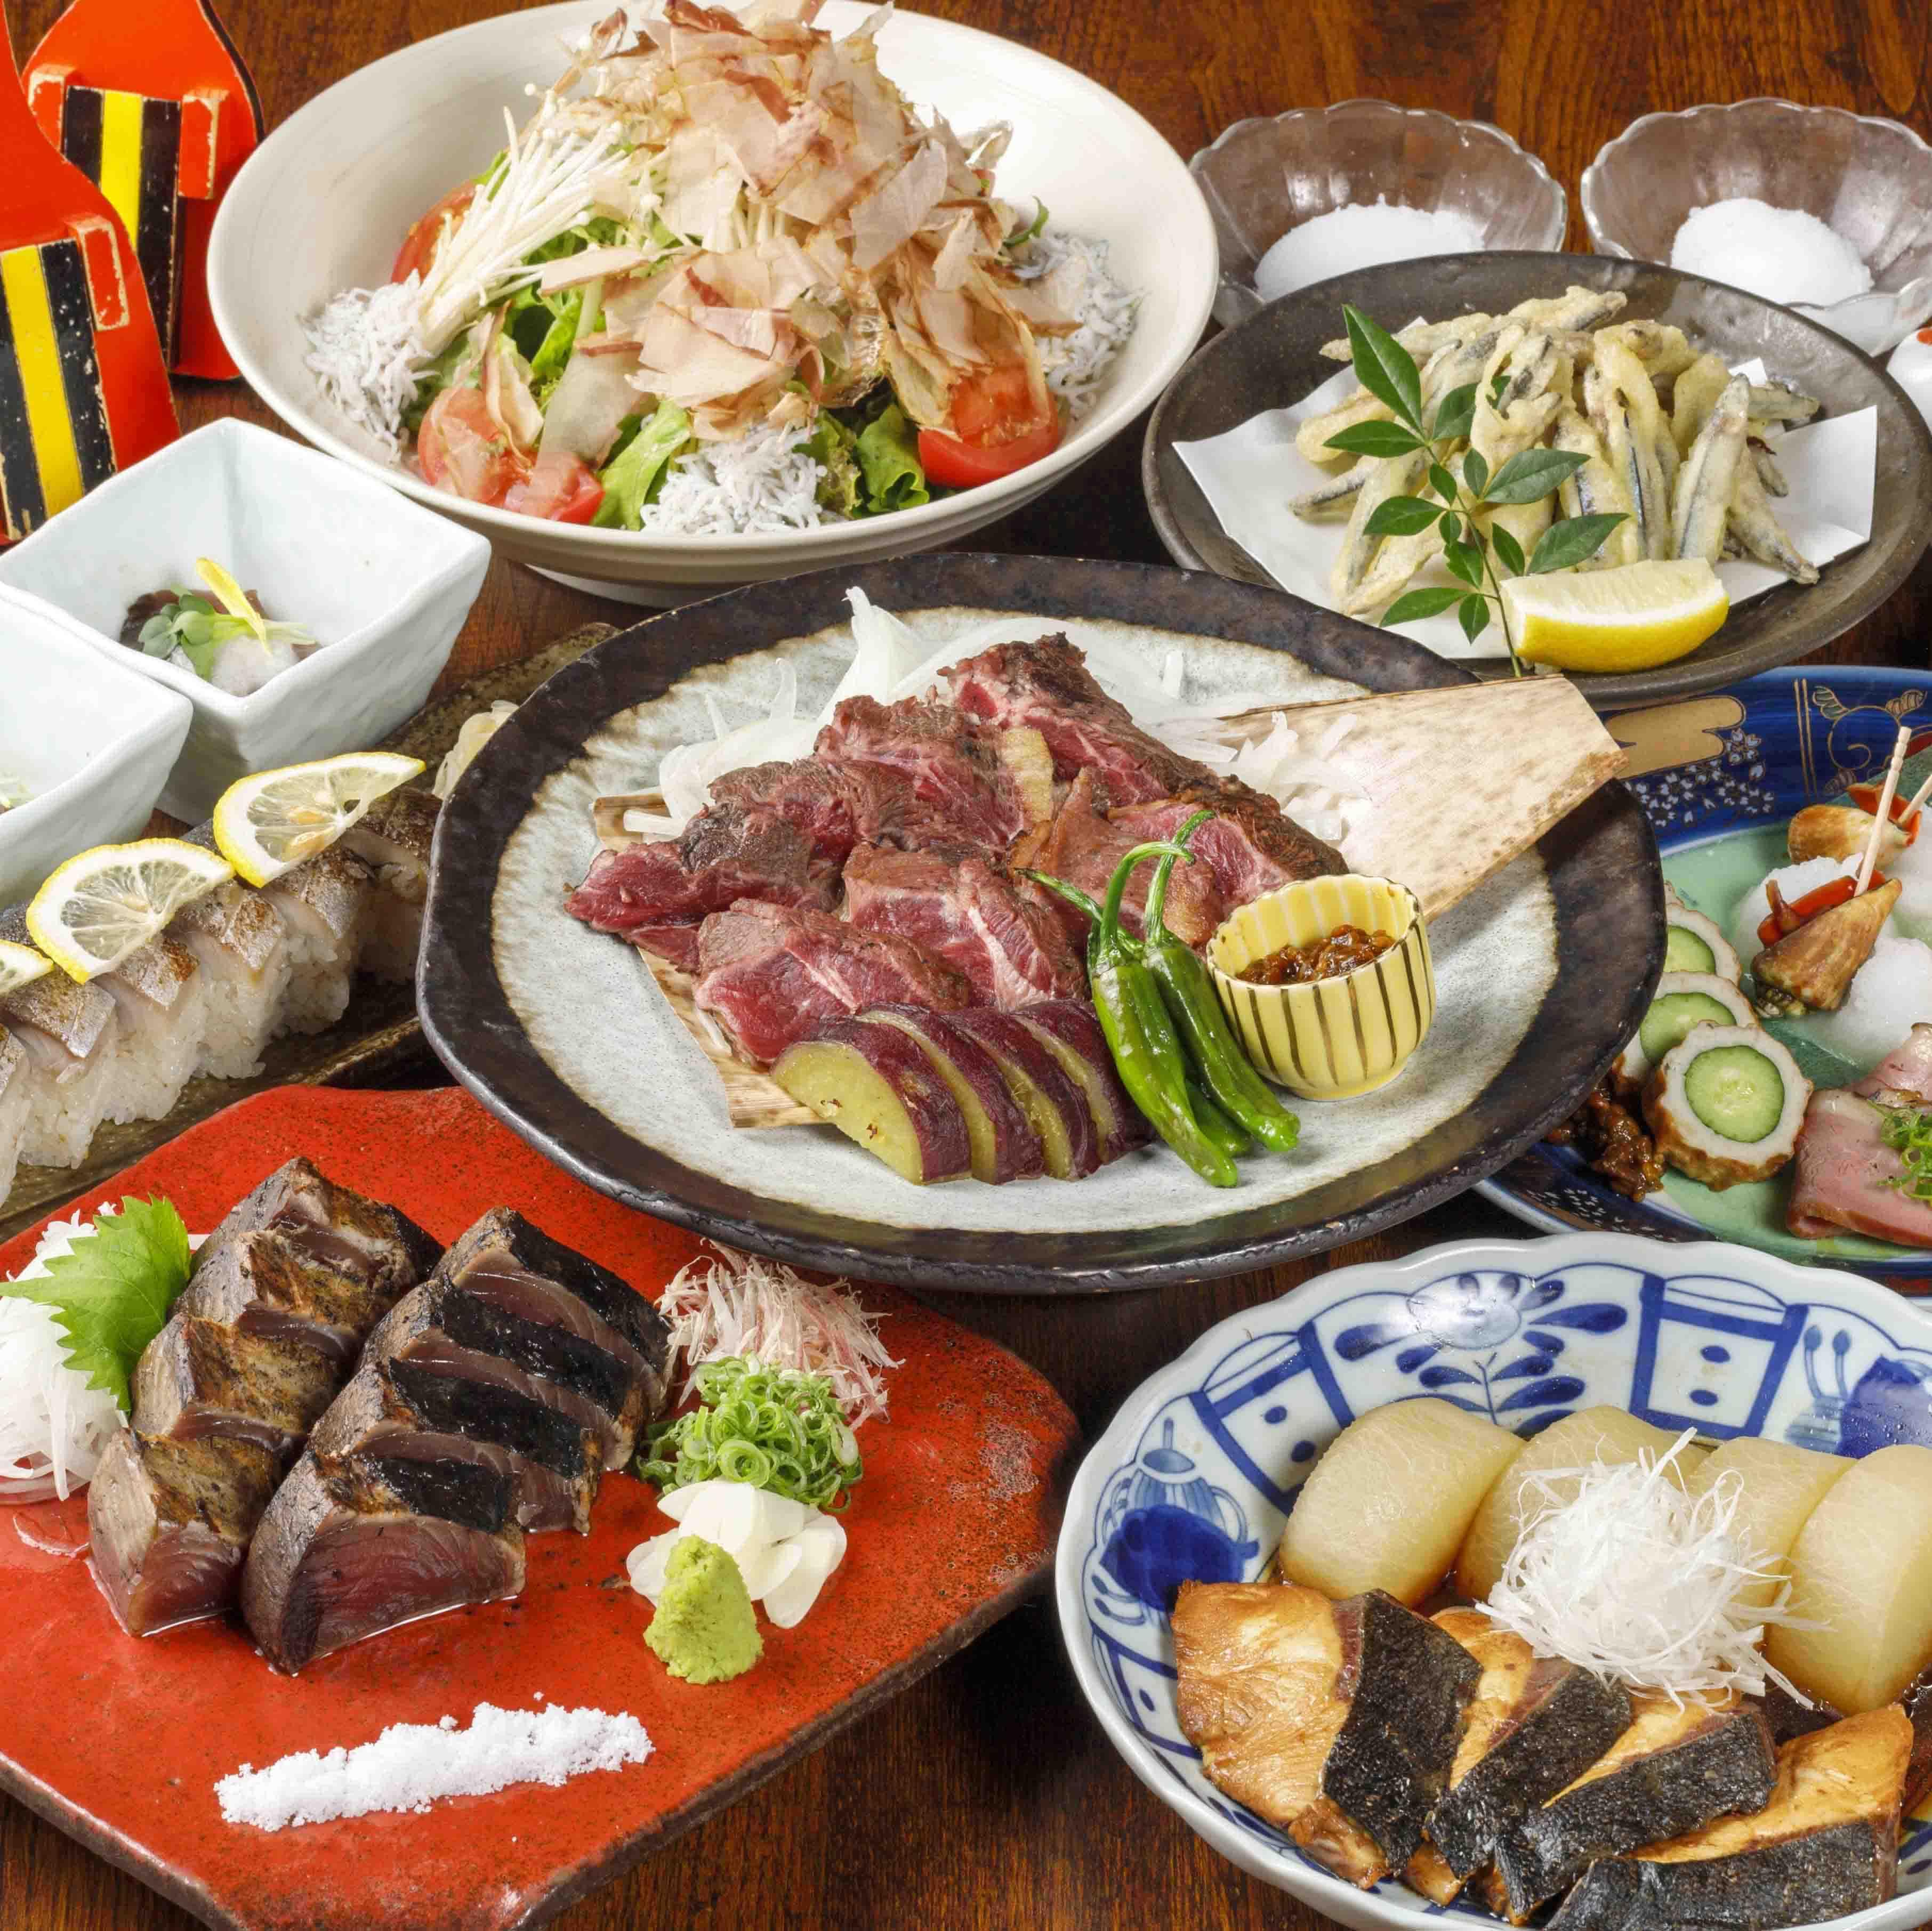 [2時間飲み放題] 鰹の藁焼き×鰻の土鍋飯 はりまやコース11品